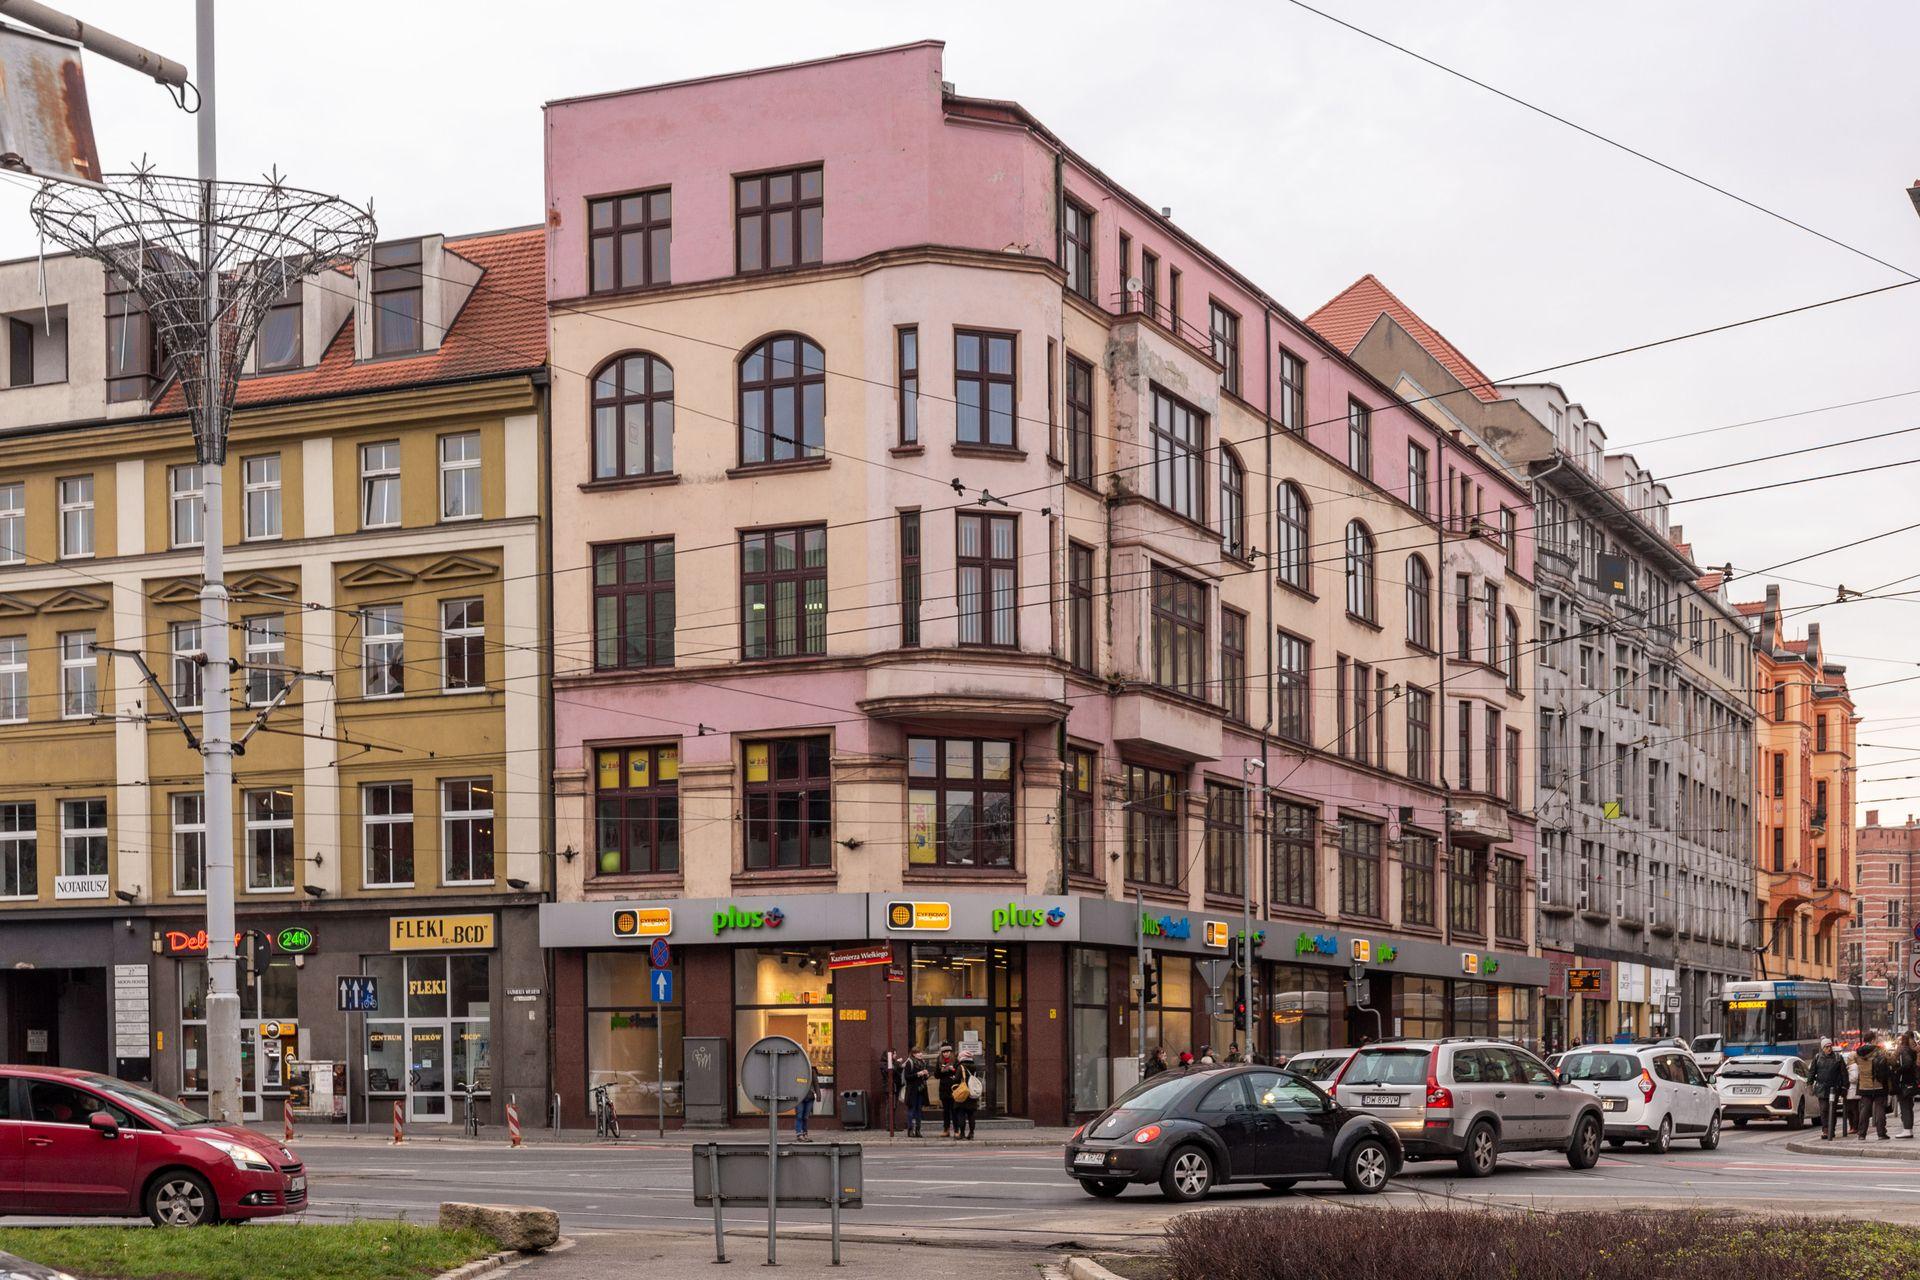 Wrocław: Będzie nadbudowa zabytkowej kamienicy na Starym Mieście? Tego chce inwestor